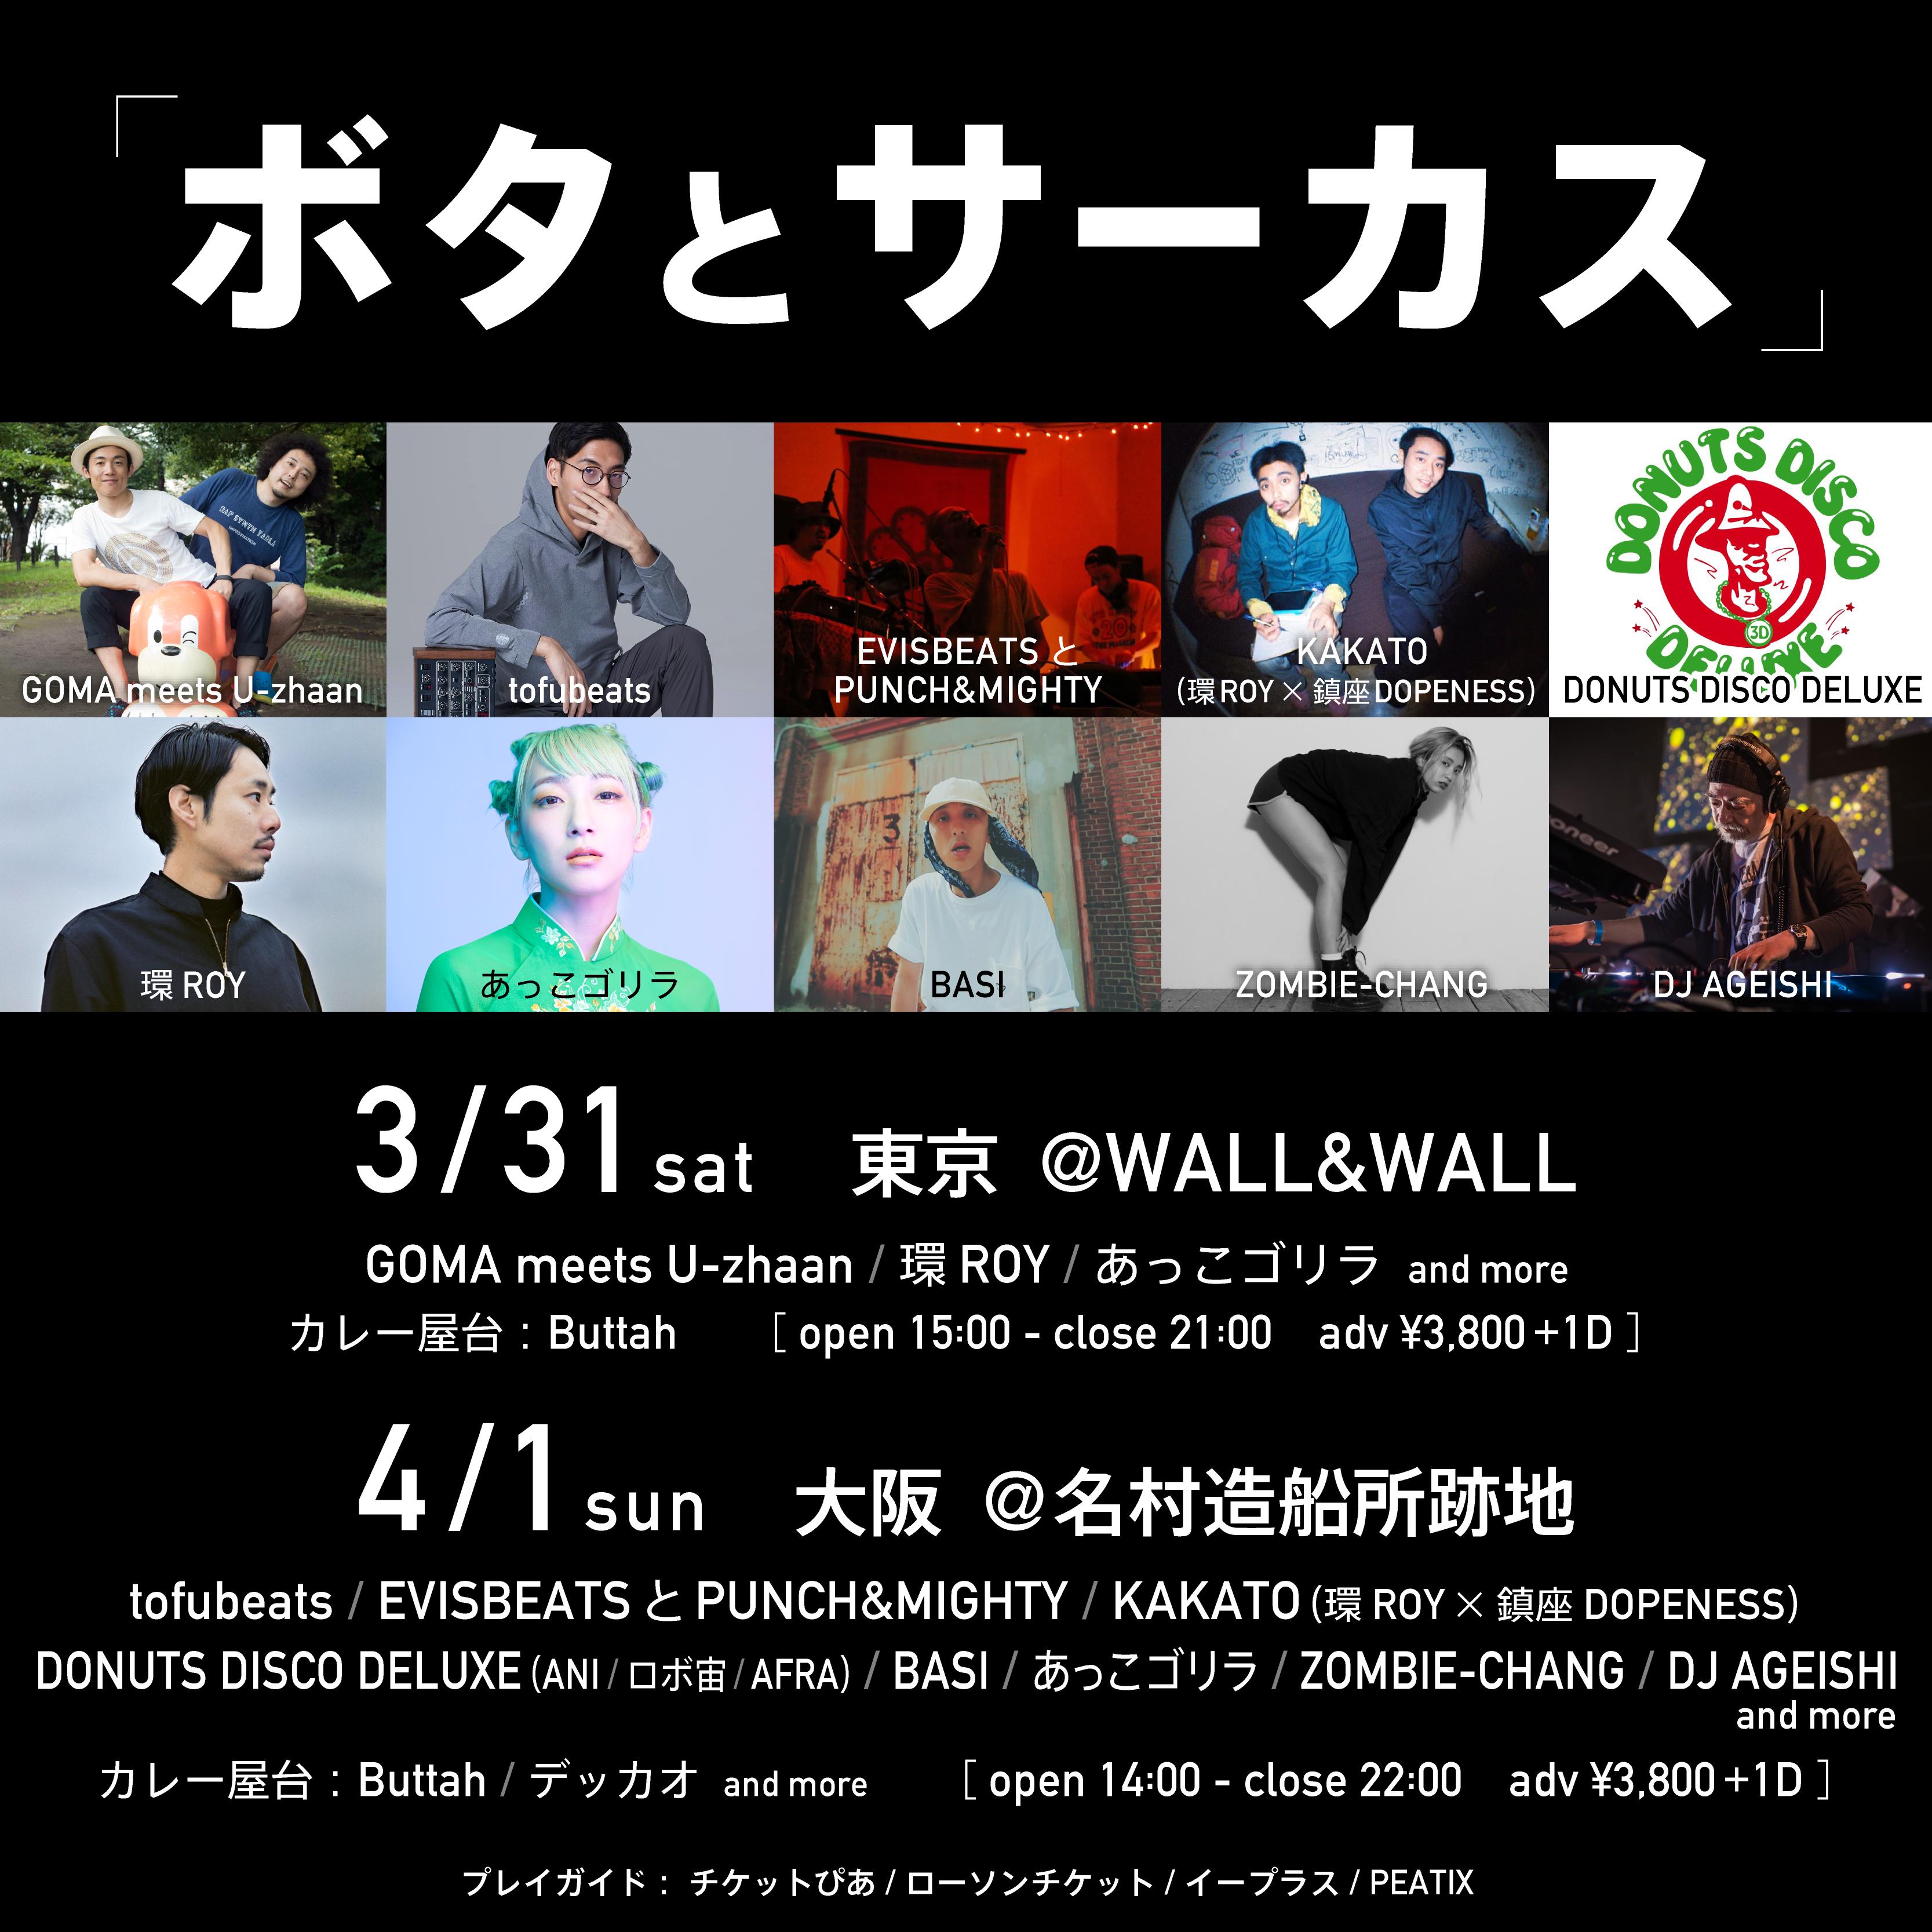 大阪 カレー フェス